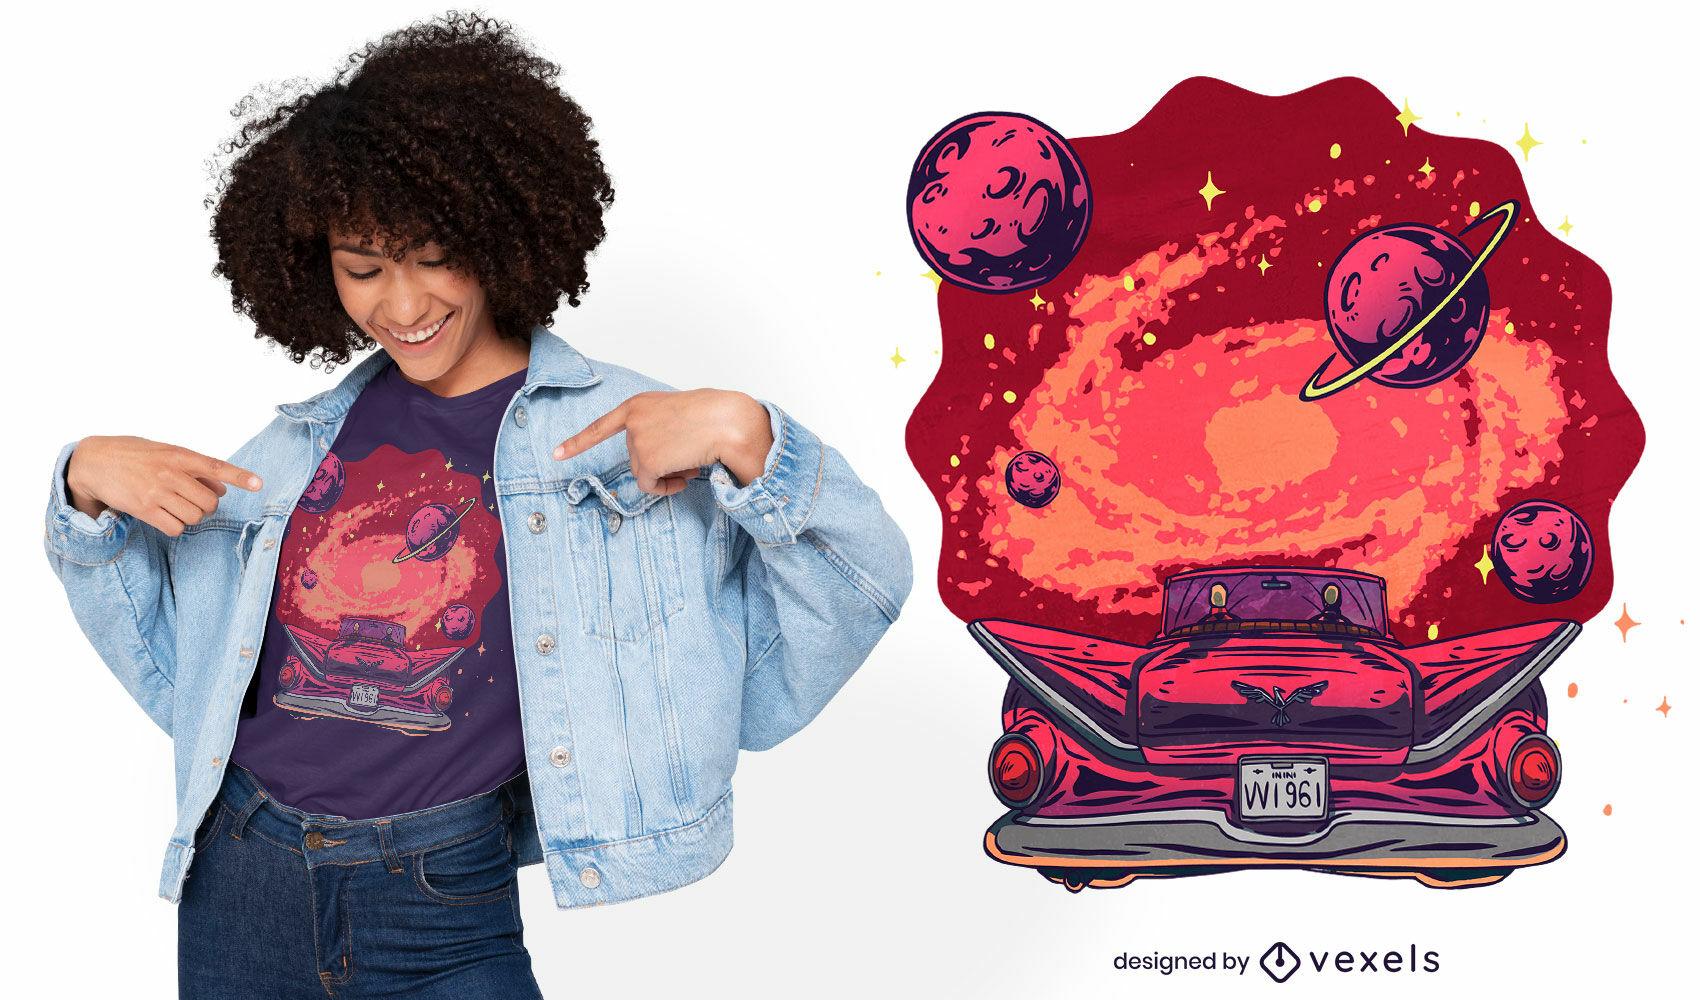 Dise?o de camiseta Galaxy y coche.